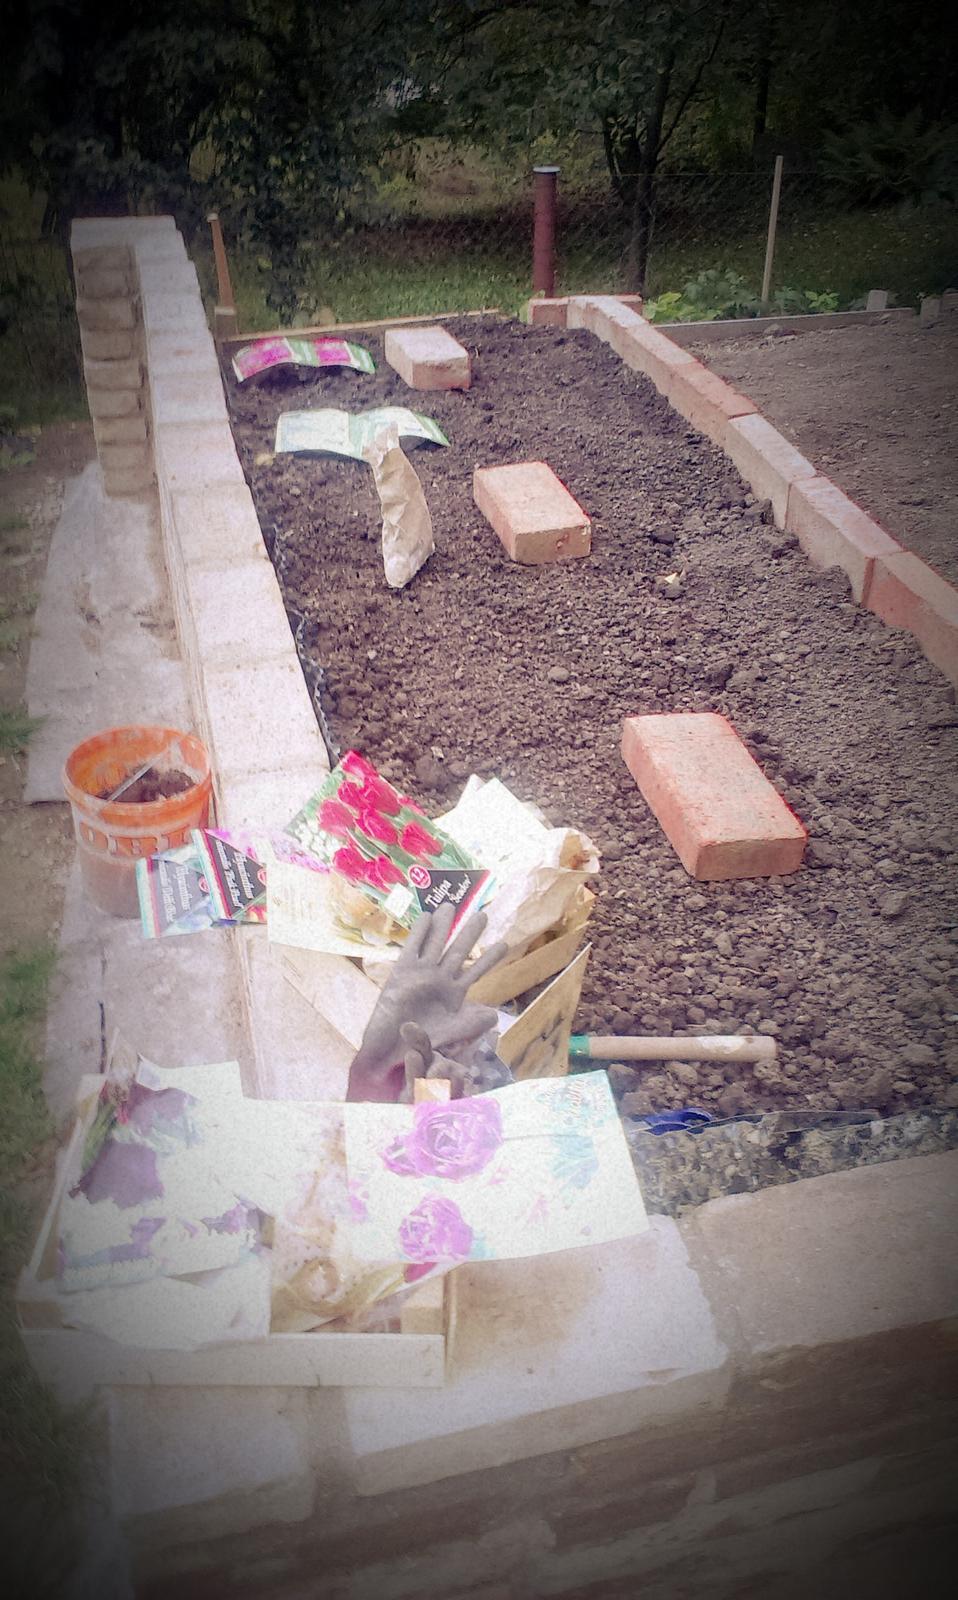 Záhrada - osadzujem - hyacinty, tulipány a narcisy. Tam kde sú tehly budú ruže (ale tie až po výplate :-)))) )Treba si dávkovať radosť postupne :-)